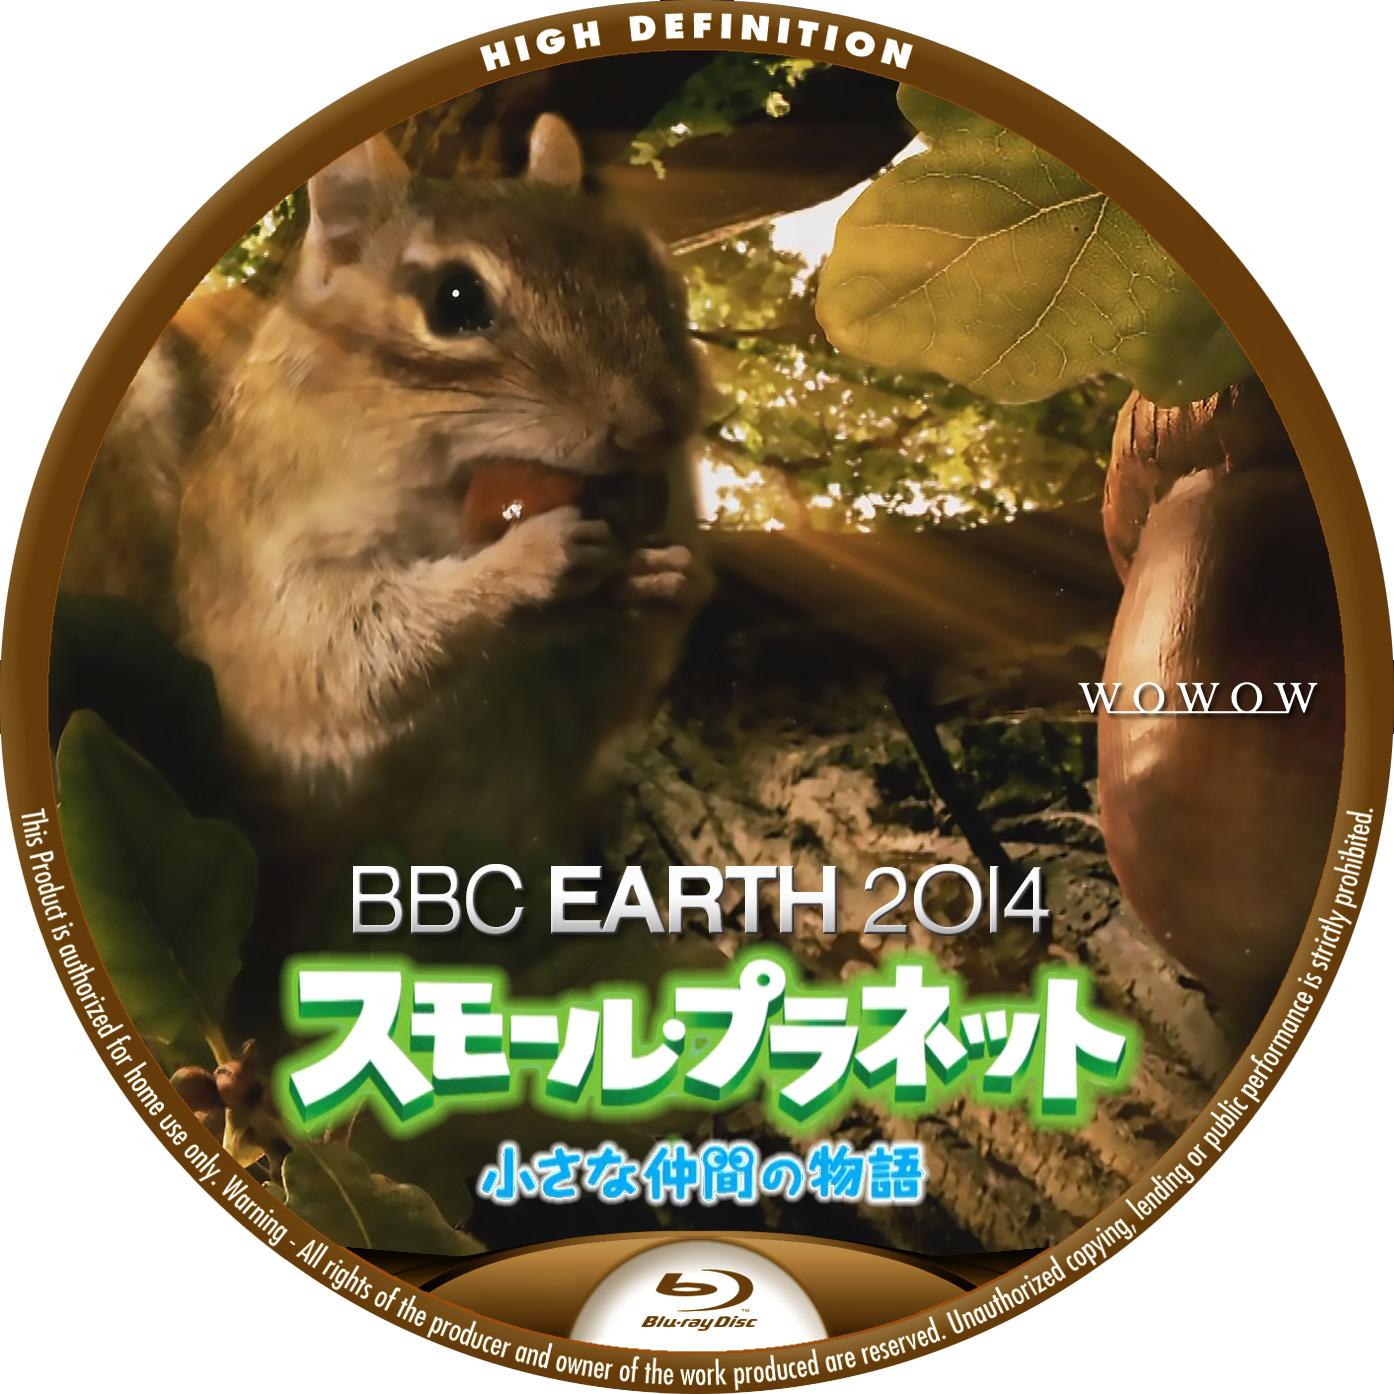 BBC EARTH 2014 スモールプラネット 第2話 BDラベル